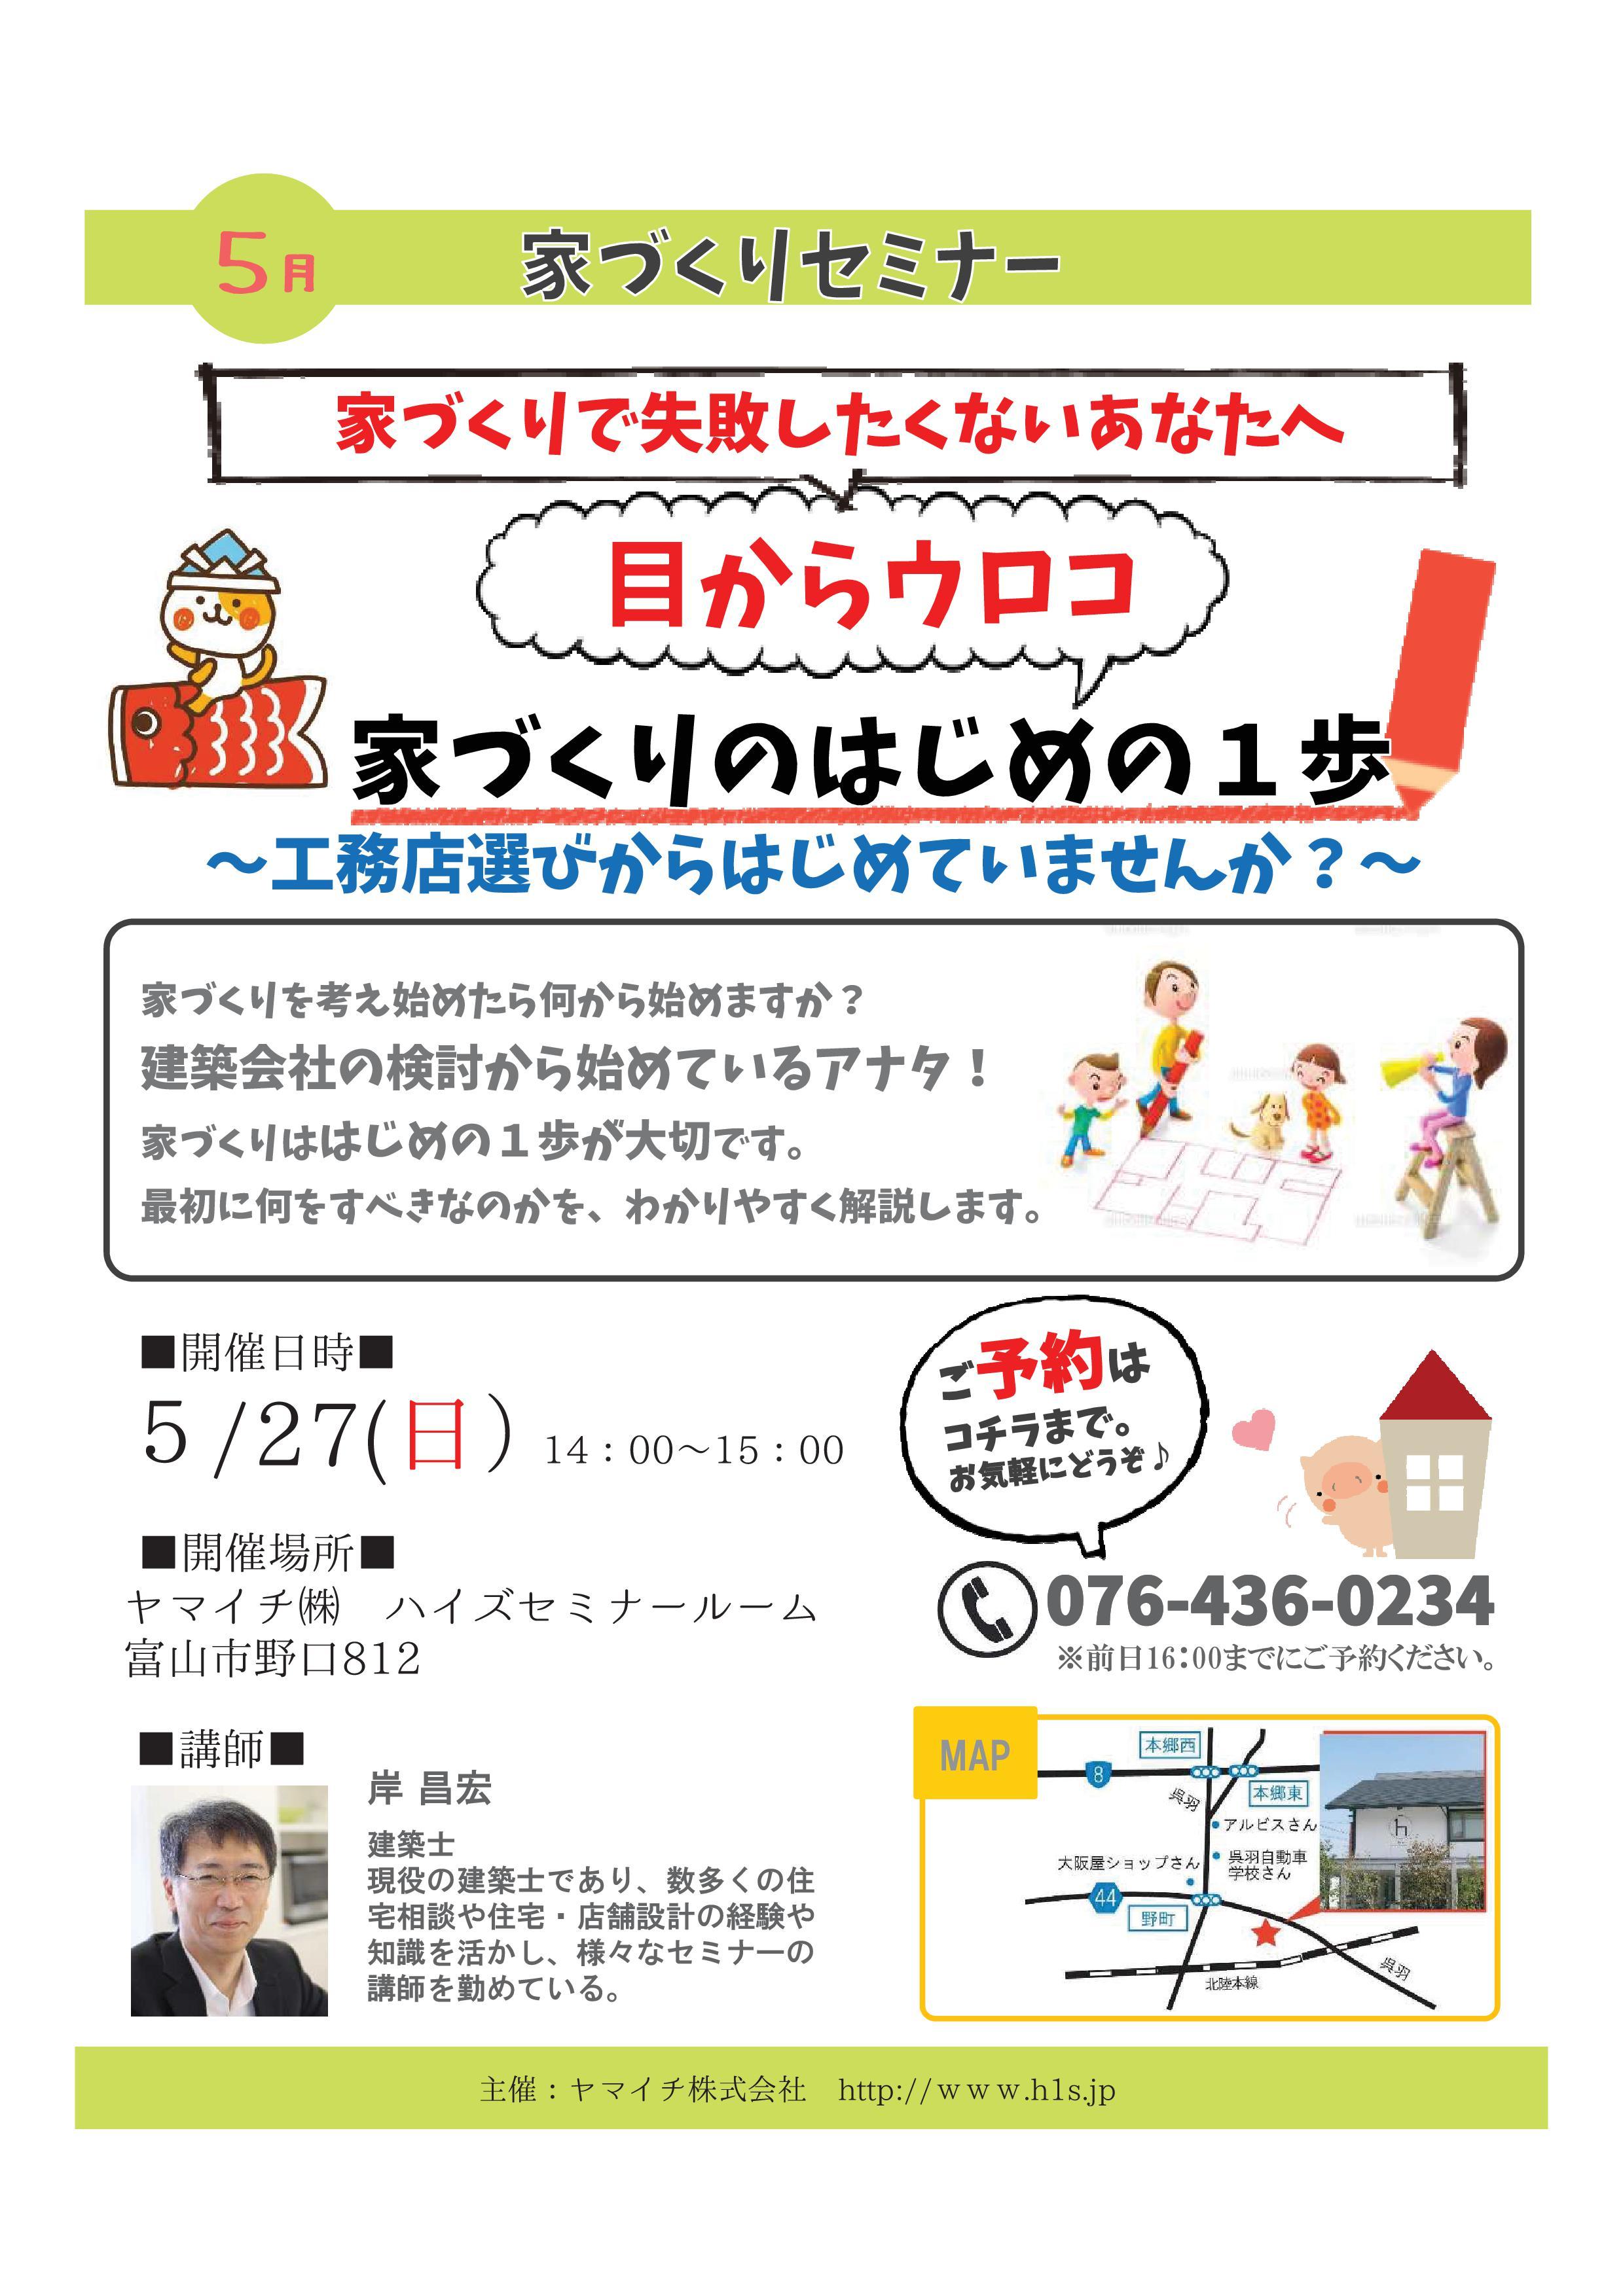 【セミナー】5/27(日)「家づくりのはじめの1歩」